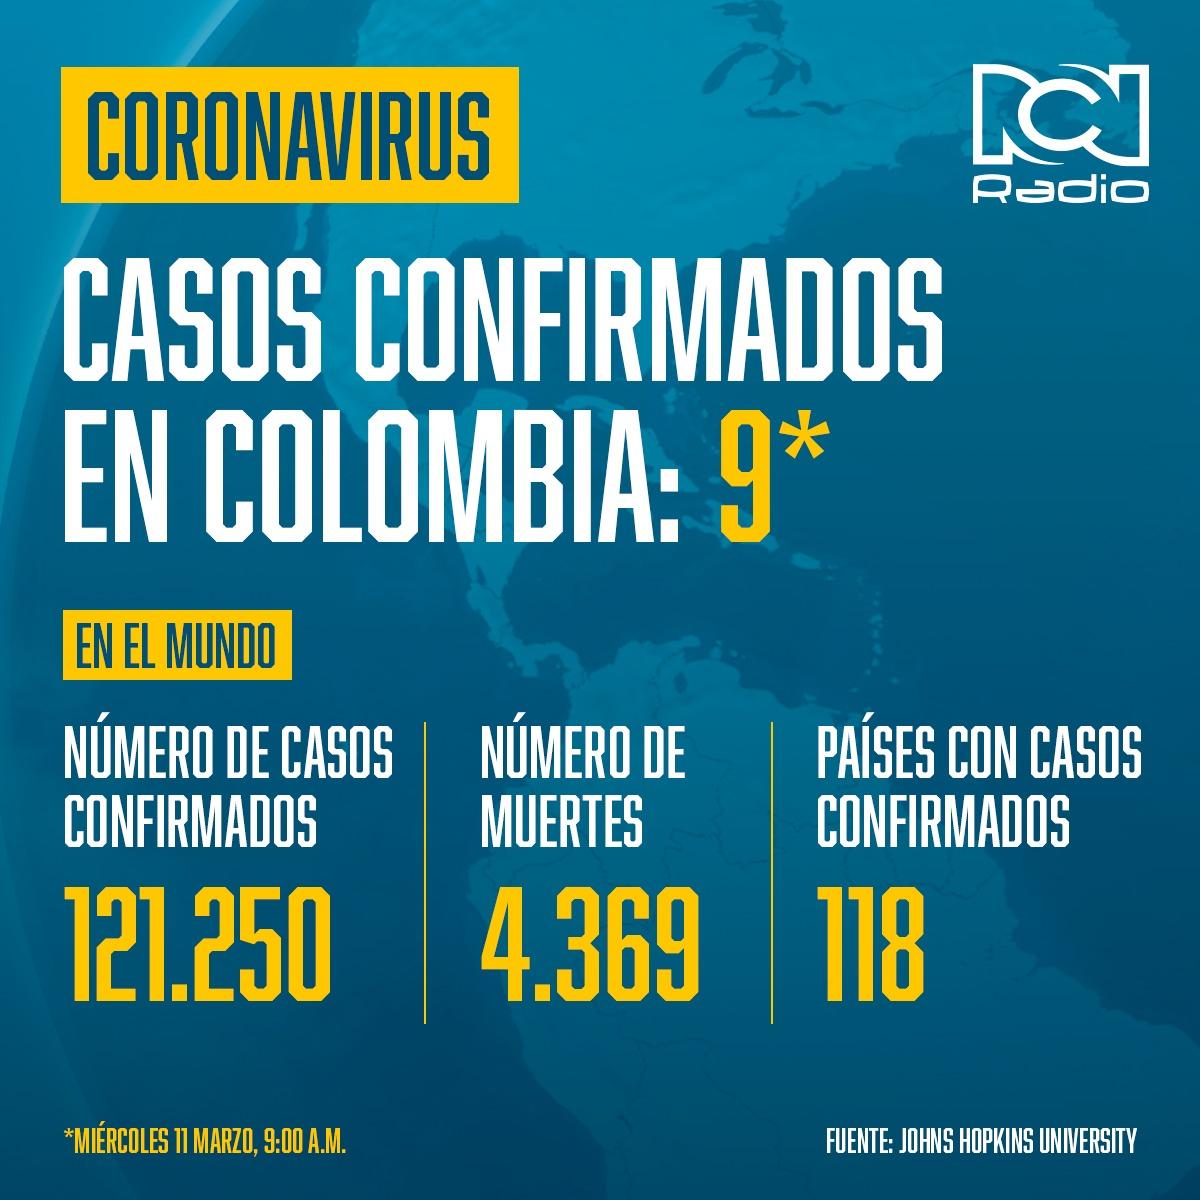 Infografía de coronavirus en Colombia